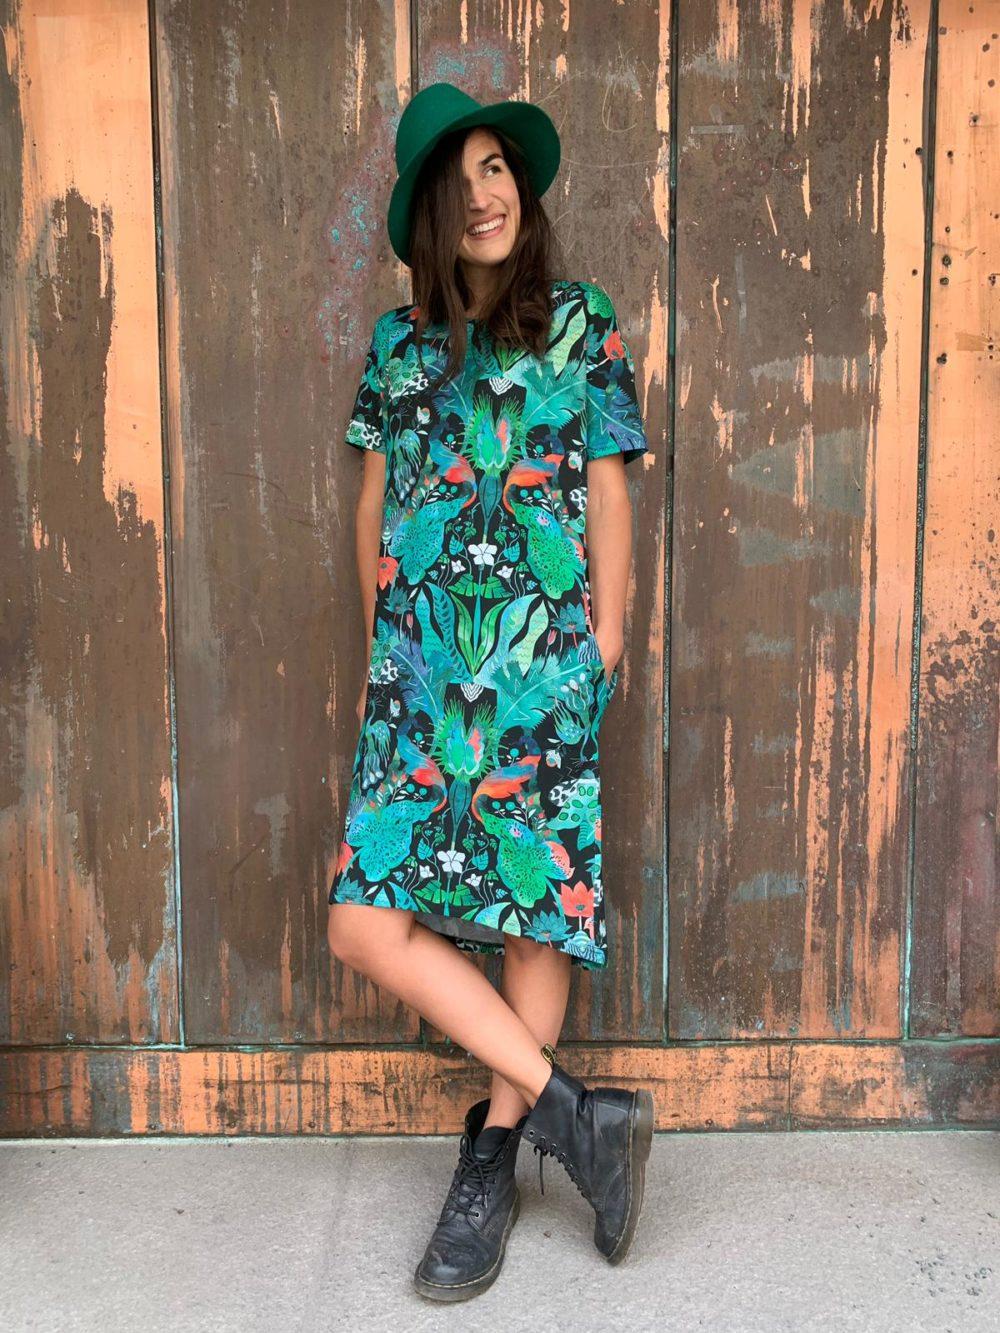 Vimma T-shirt dress ONNI Jungle green-colourful Onesize - green-colourful, Jungle, Onesize, ONNI, t-shirt-dress